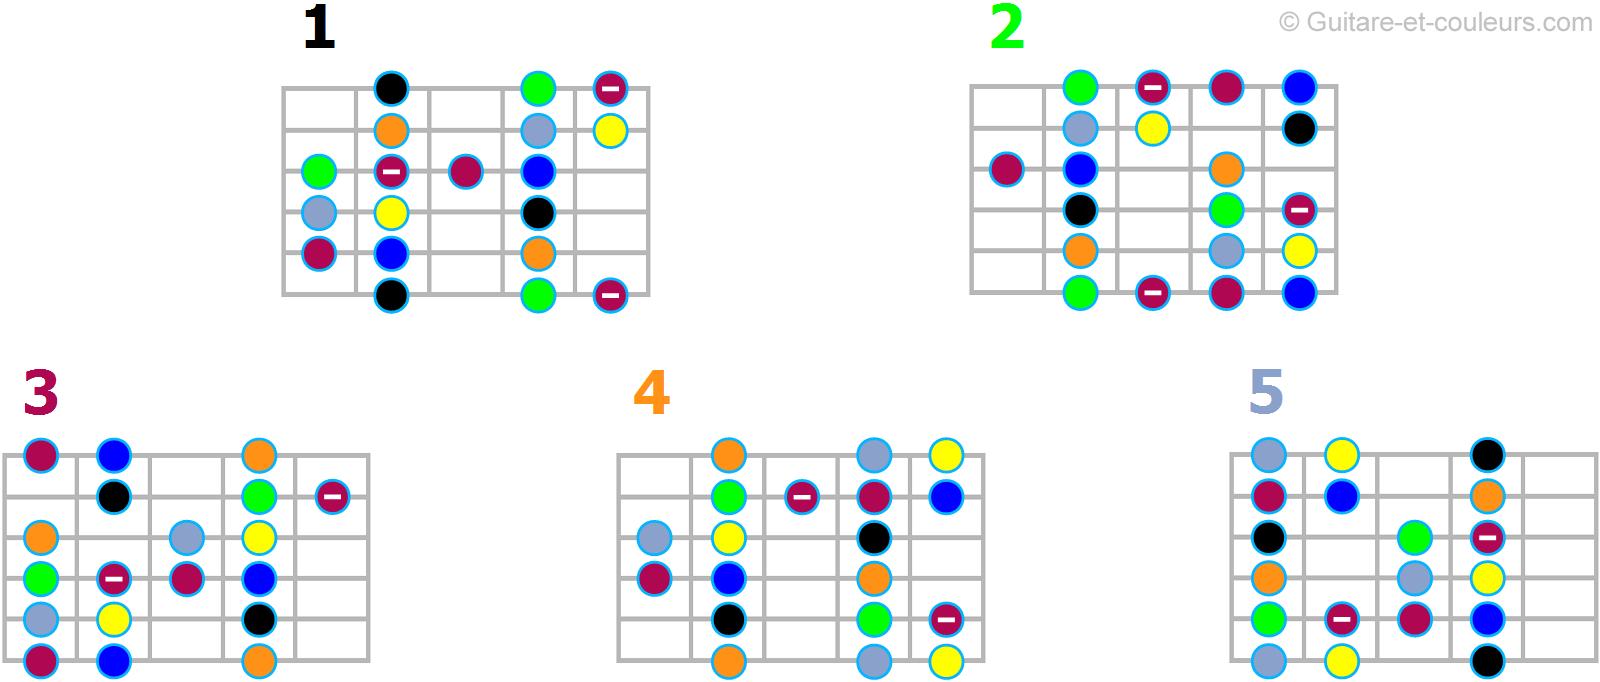 Les motifs de la gamme résultant du mélange entre la pentatonique mineure et la pentatonique Majeure.